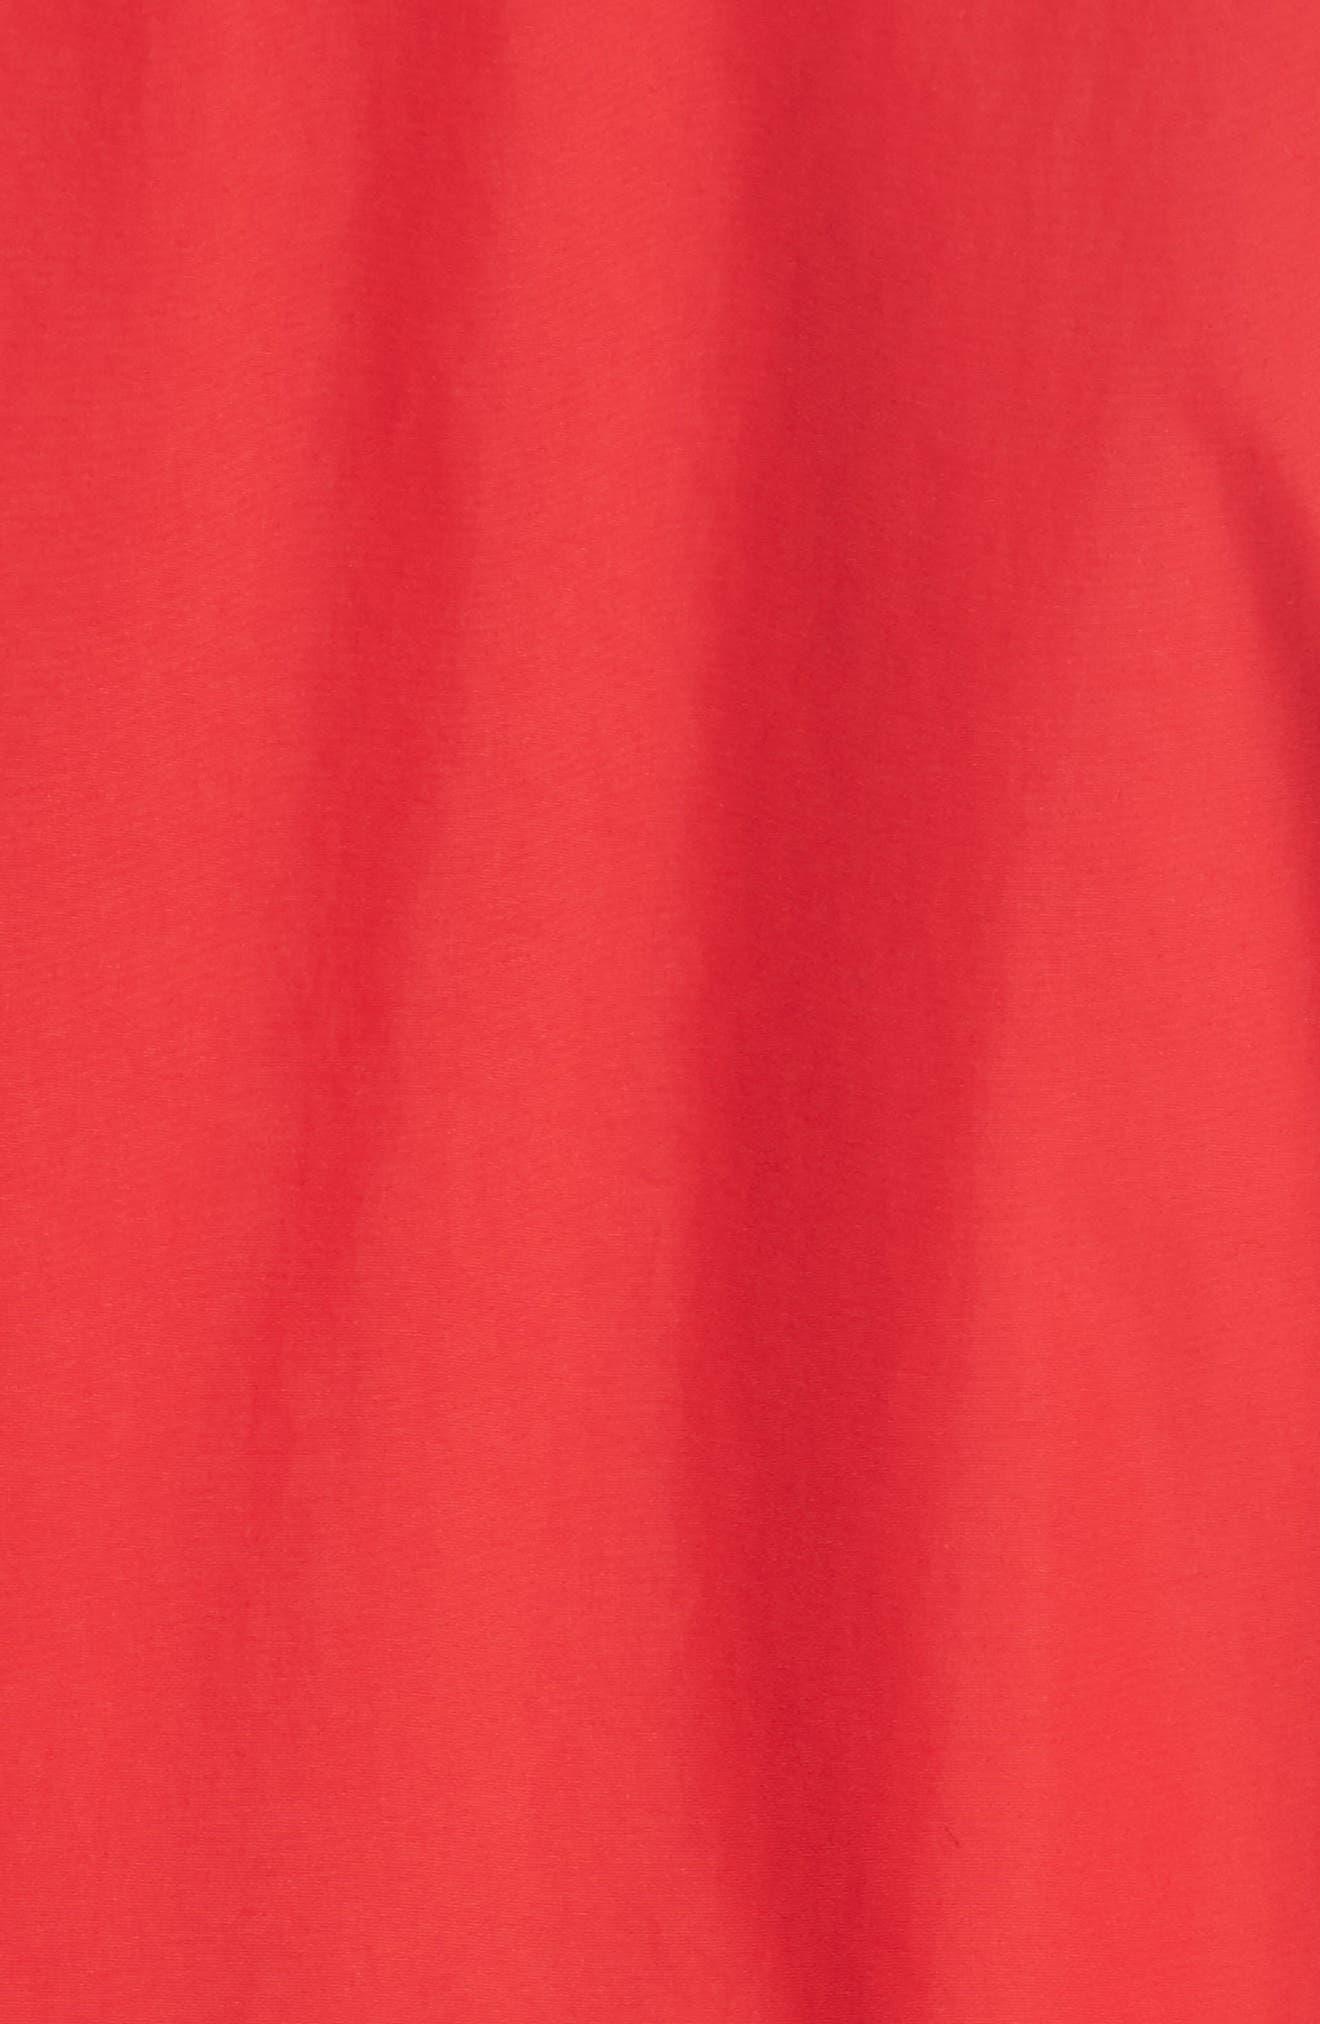 Kaneda Bomber Jacket,                             Alternate thumbnail 6, color,                             Red